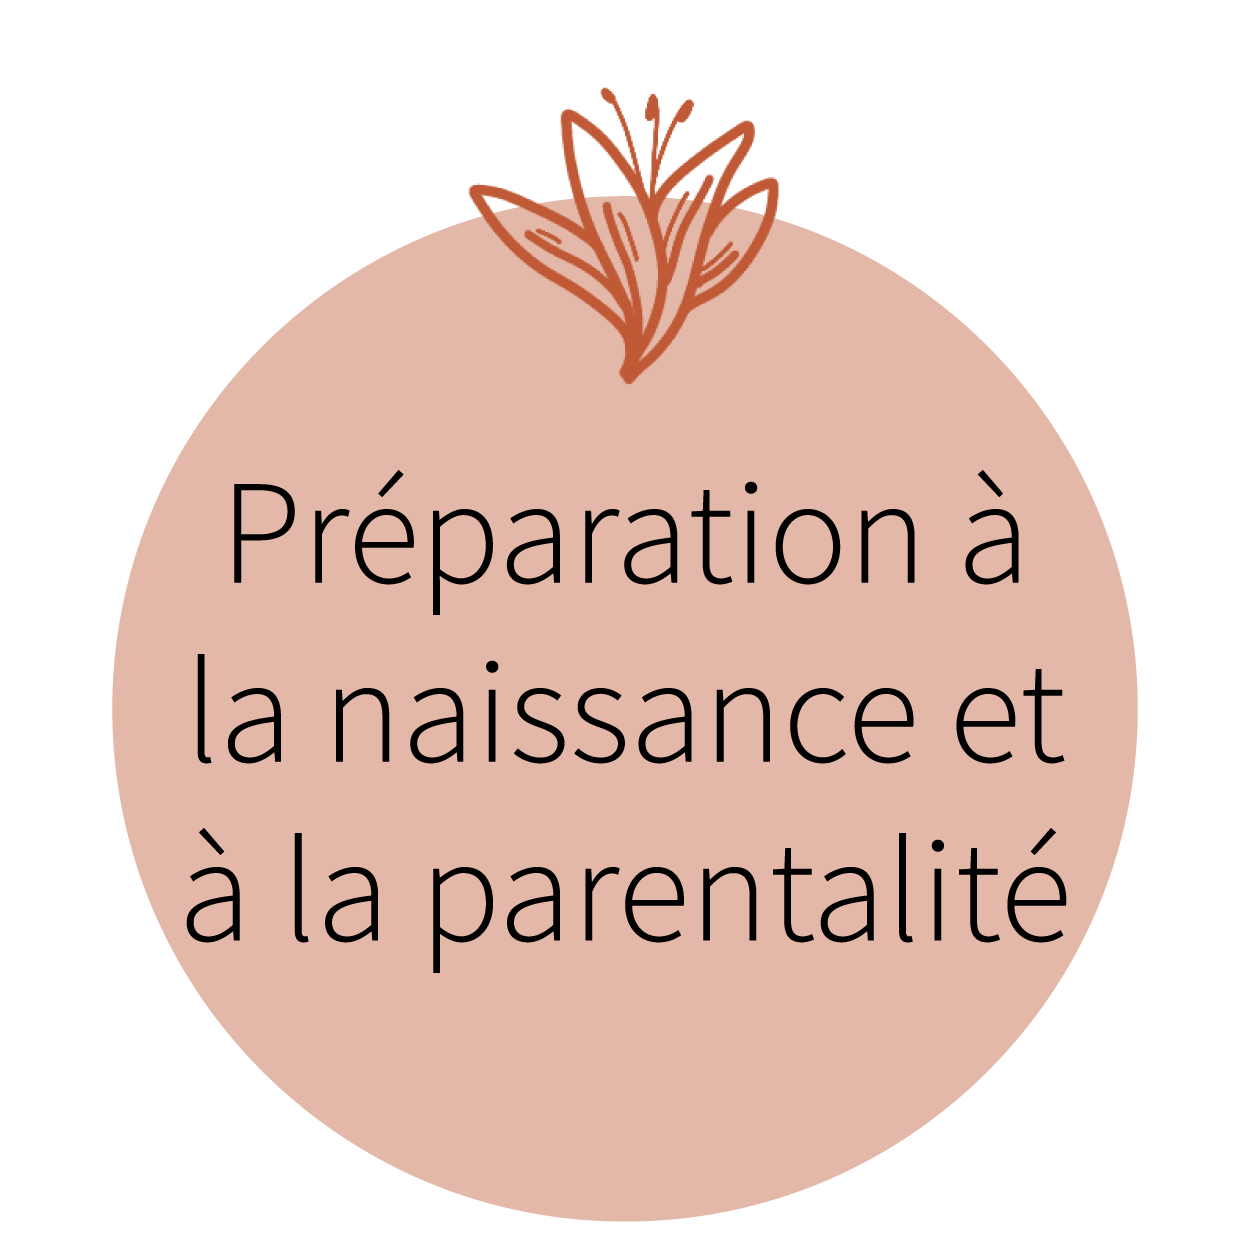 Préparation naissance et parentalité_Plan de travail 1